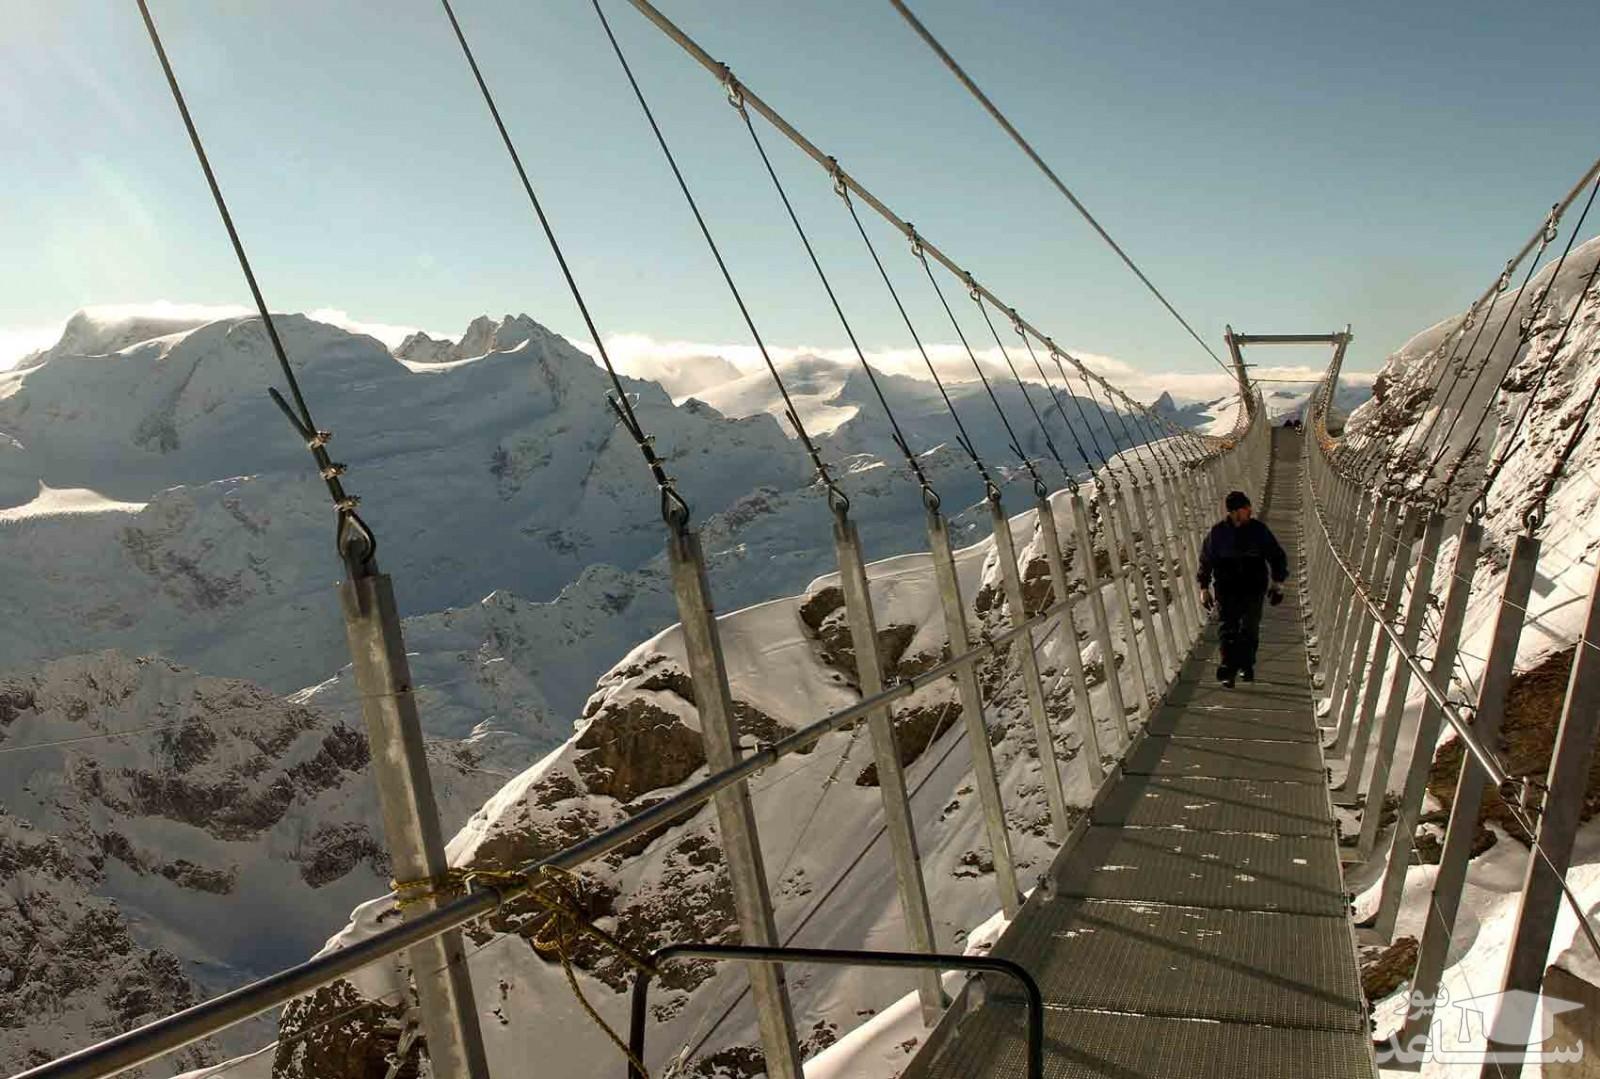 (فیلم) پلی فوق العاده دیدنی و جالب در چین